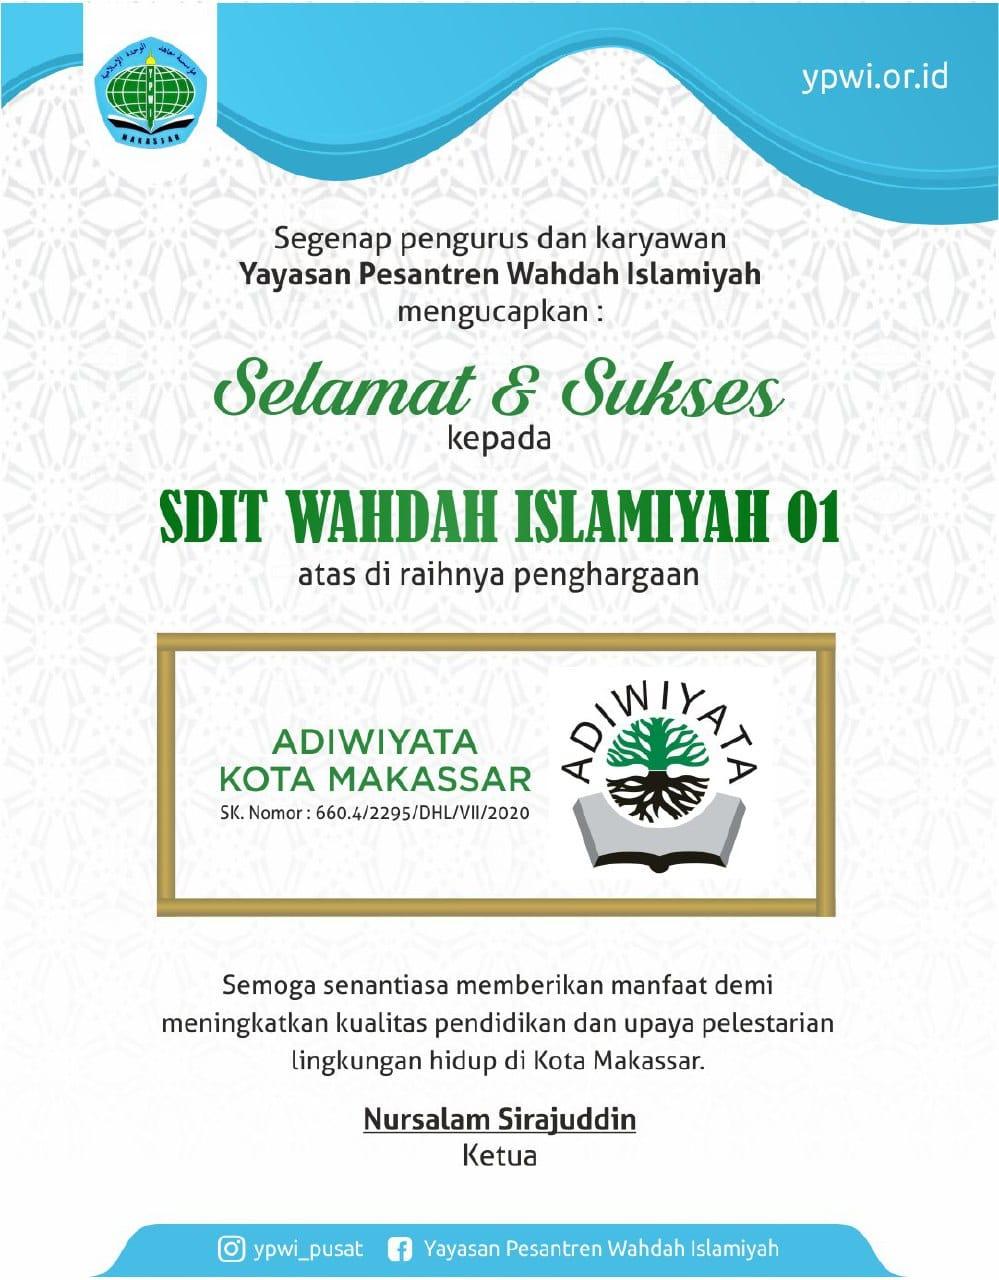 Selamat & Sukses kepada SDIT WAHDAH ISLAMIYAH 01